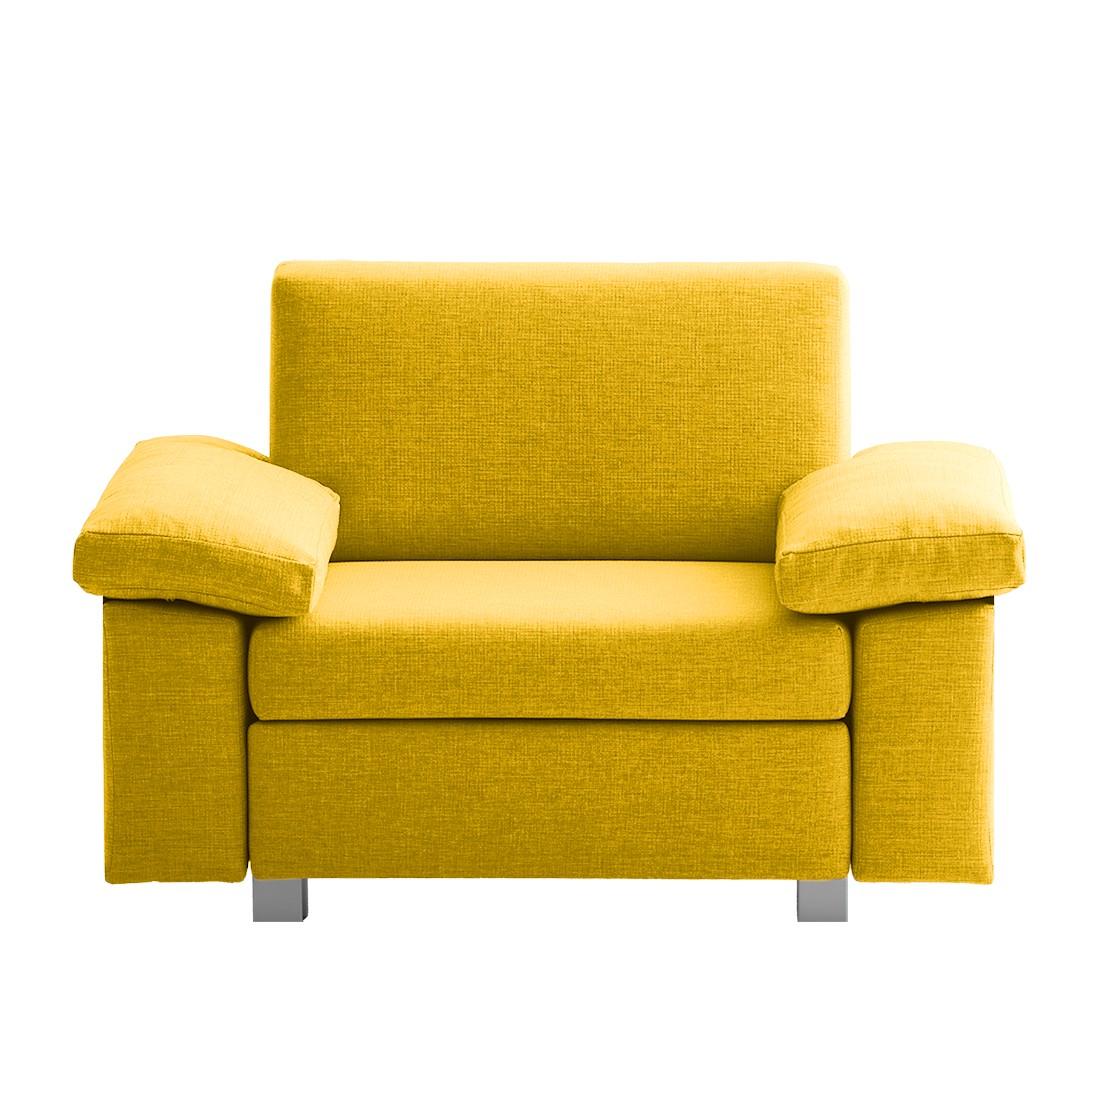 Schlafsessel Plaza - Webstoff - Gelb - Abklappbare Armlehnen, chillout by Franz Fertig